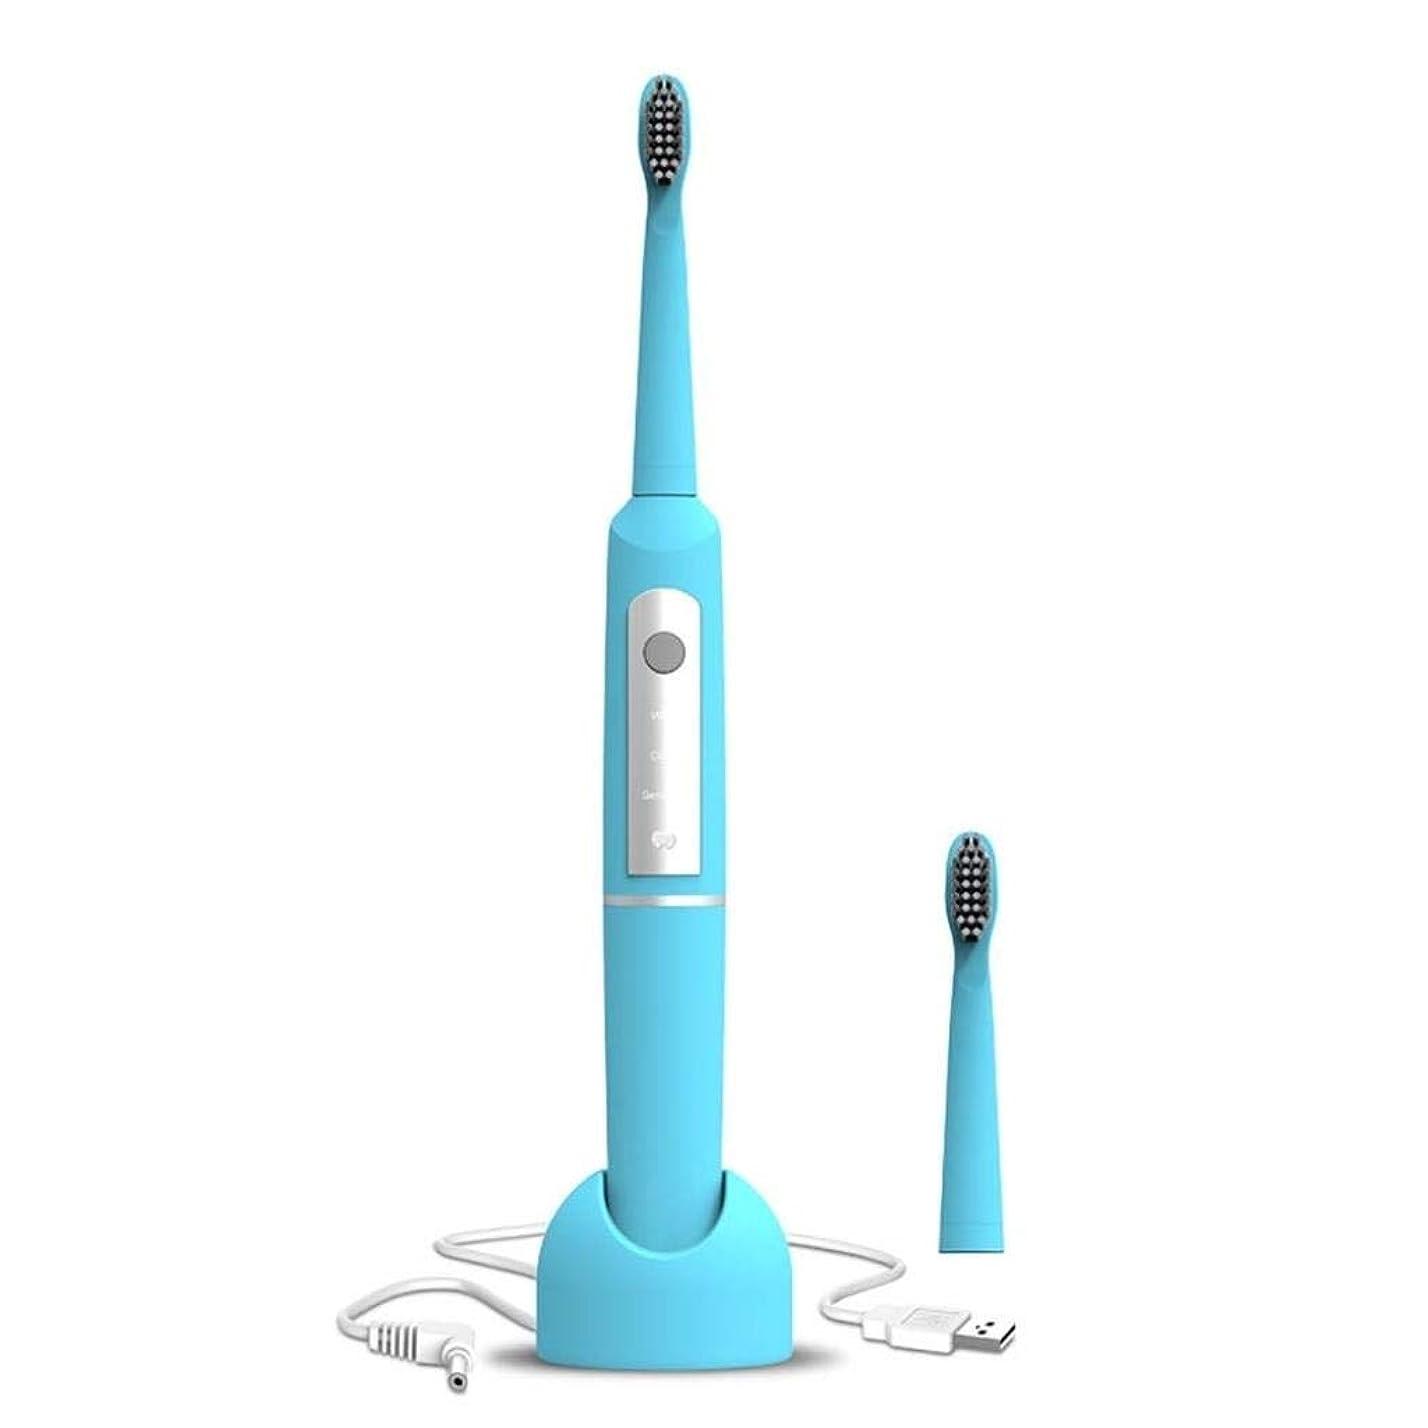 本を読む嵐の印刷する電動歯ブラシ、1つのコネクティングハンドル、2つの交換可能な歯ブラシヘッド付き防水、タイミング機能付き、USB充電、少なくとも40日間の使用 (Color : Blue)